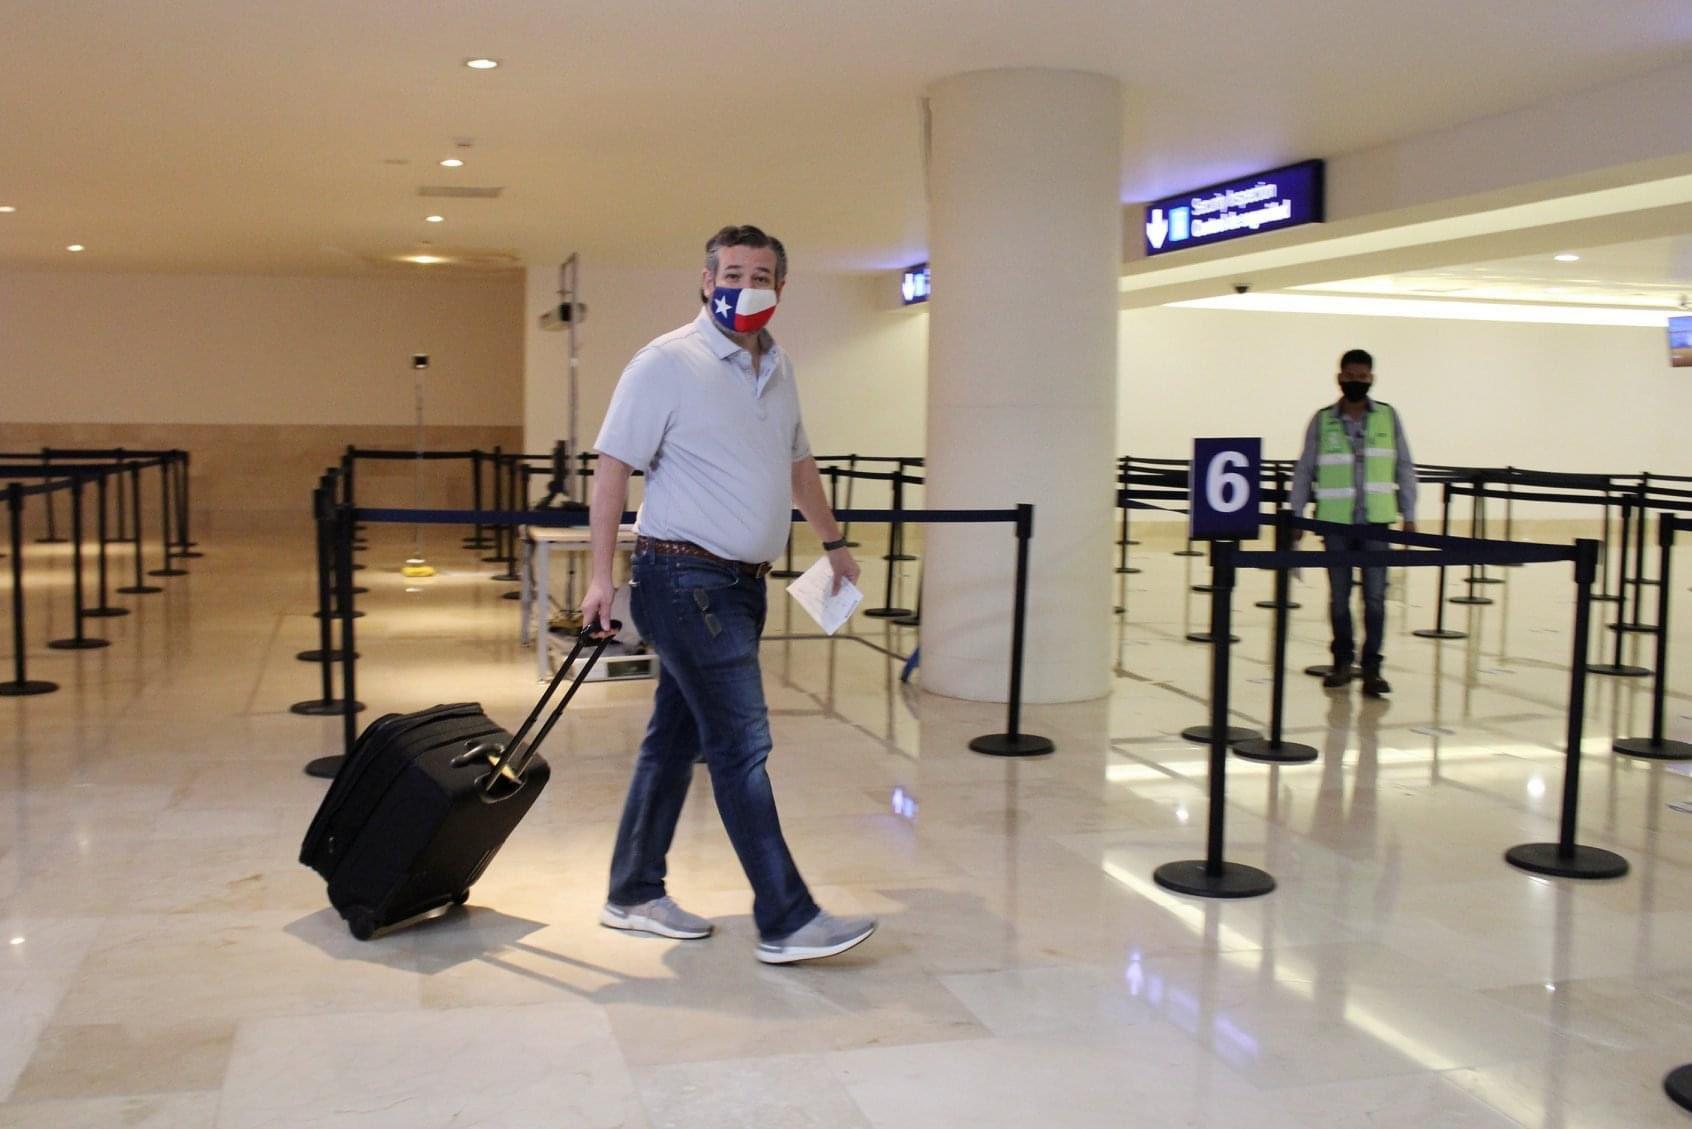 Ted cruz viaje a cancun